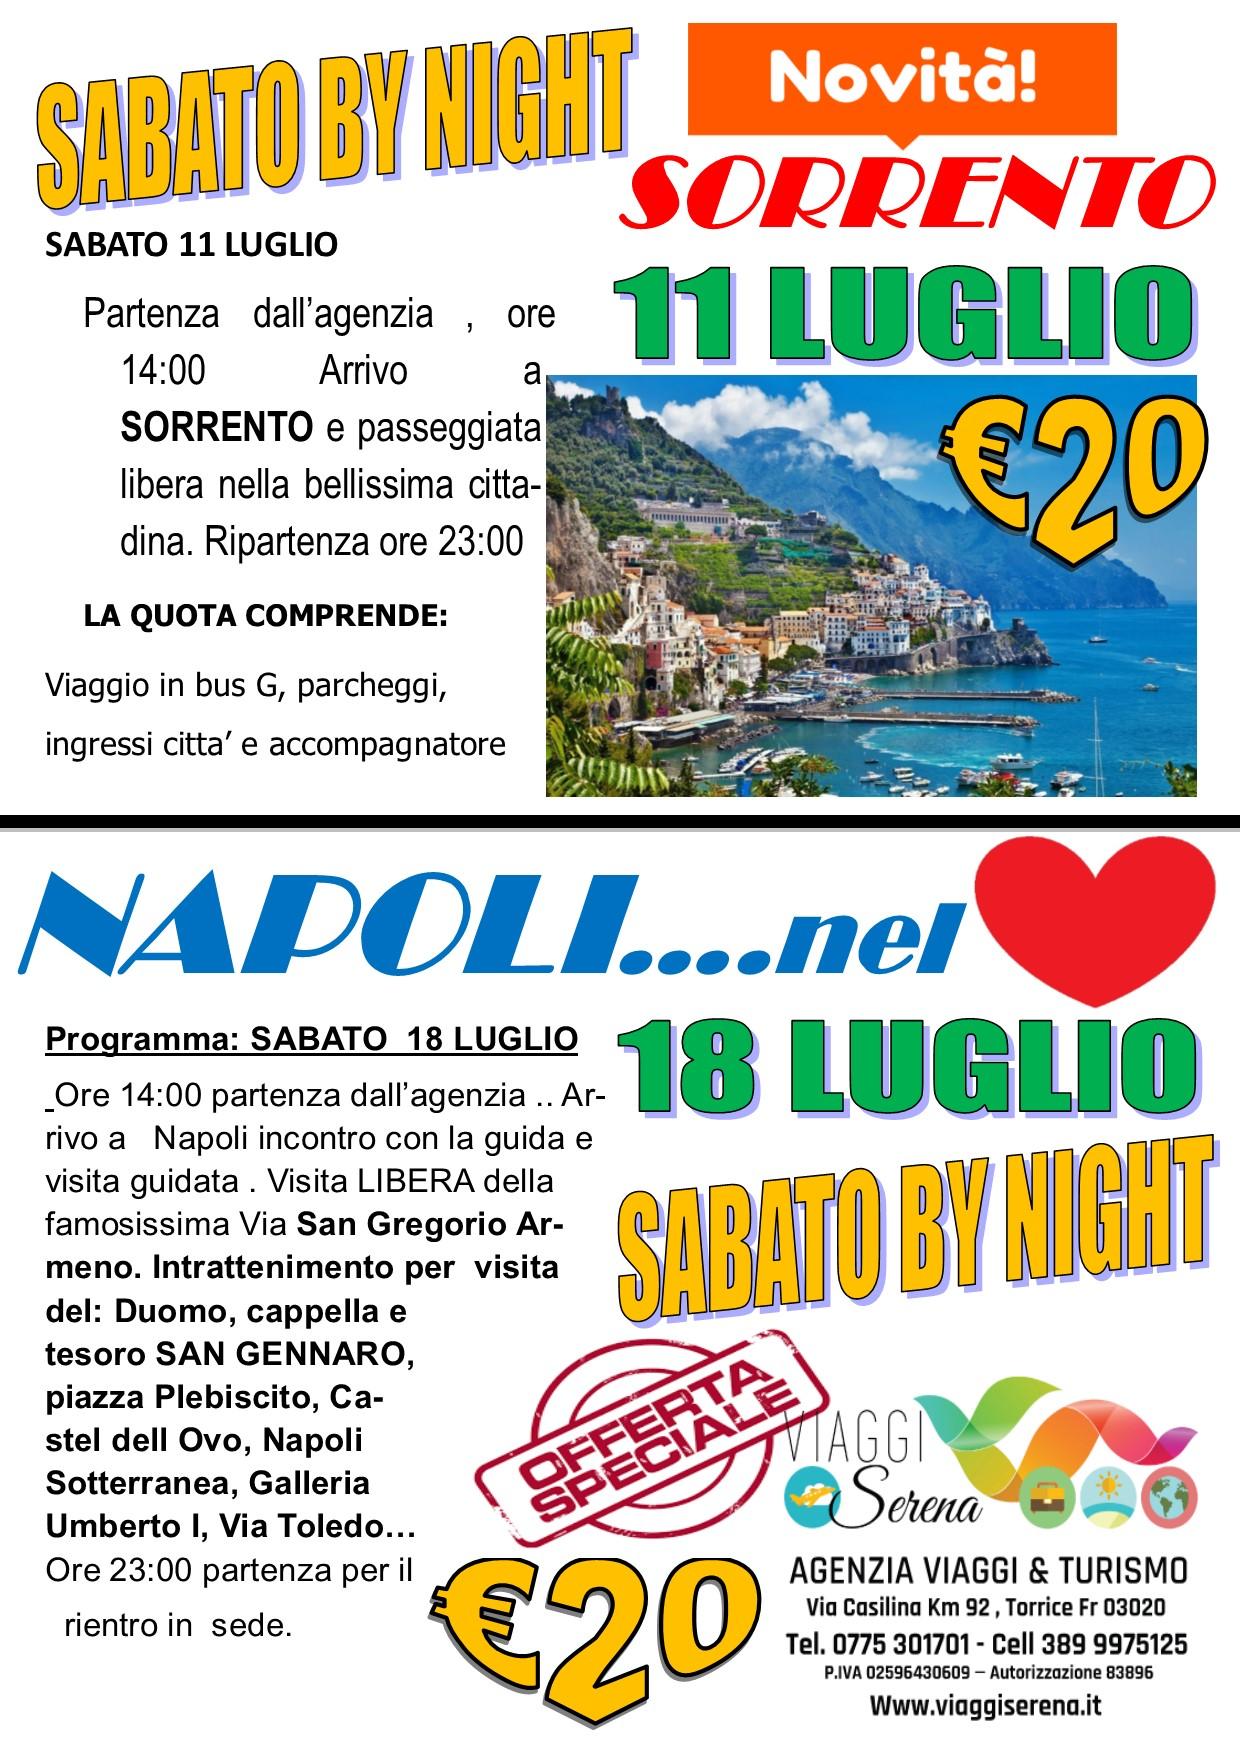 Viaggi di Gruppo: sabato by night NAPOLI 18 Luglio €20,00